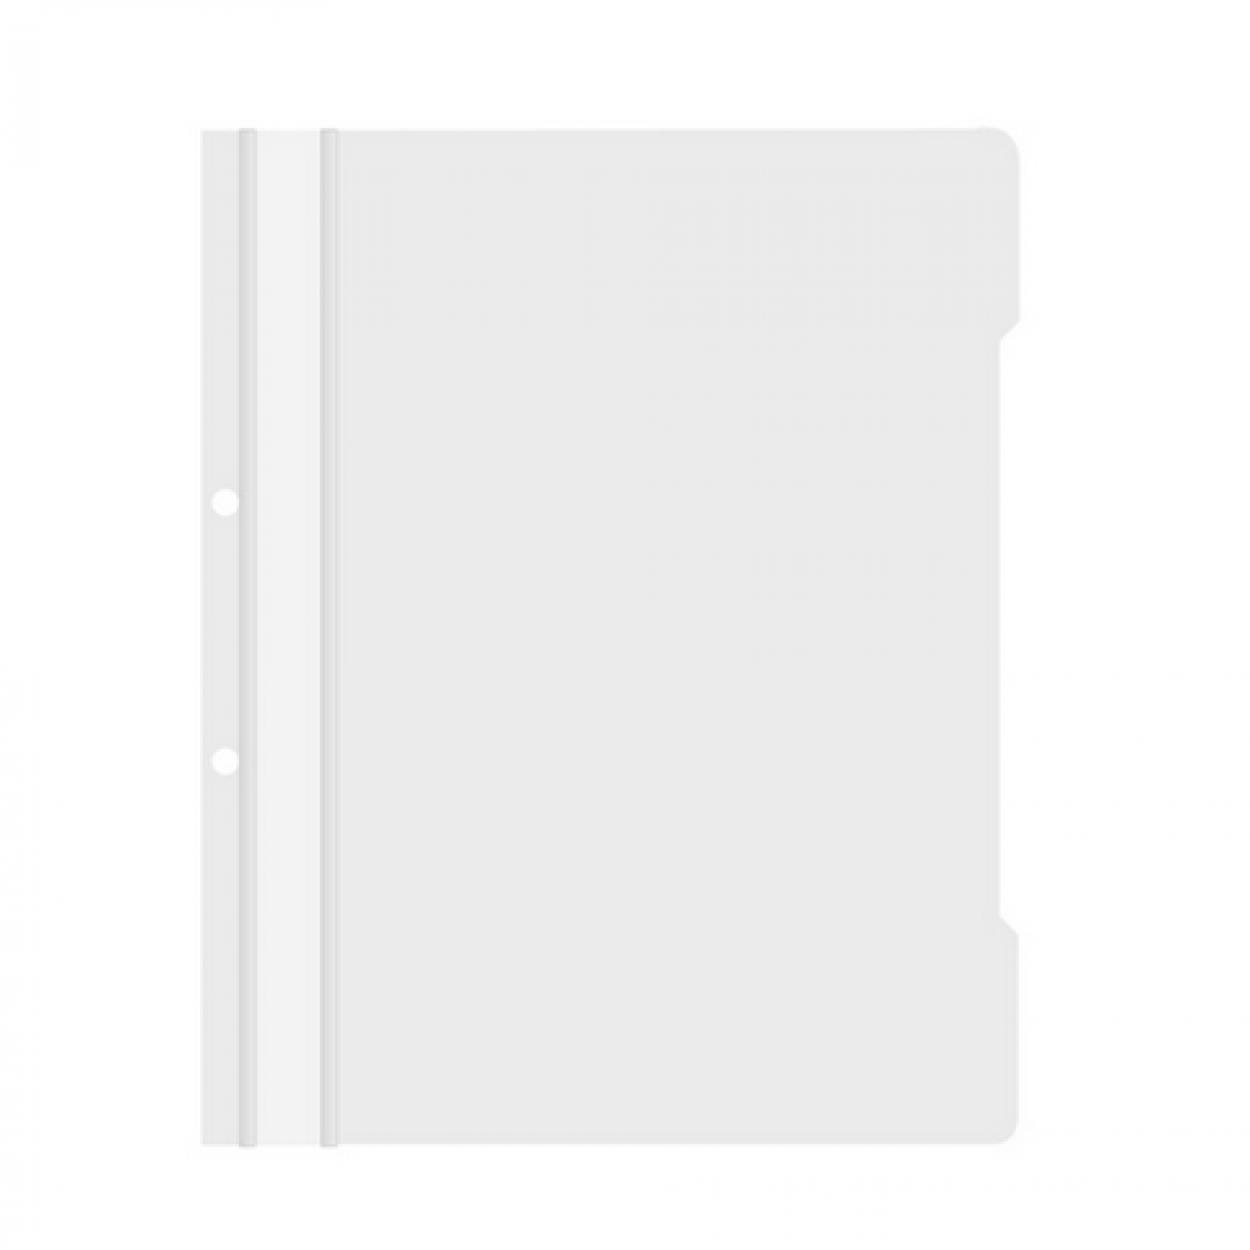 Noki Eco Telli Dosya Beyaz 50'Li